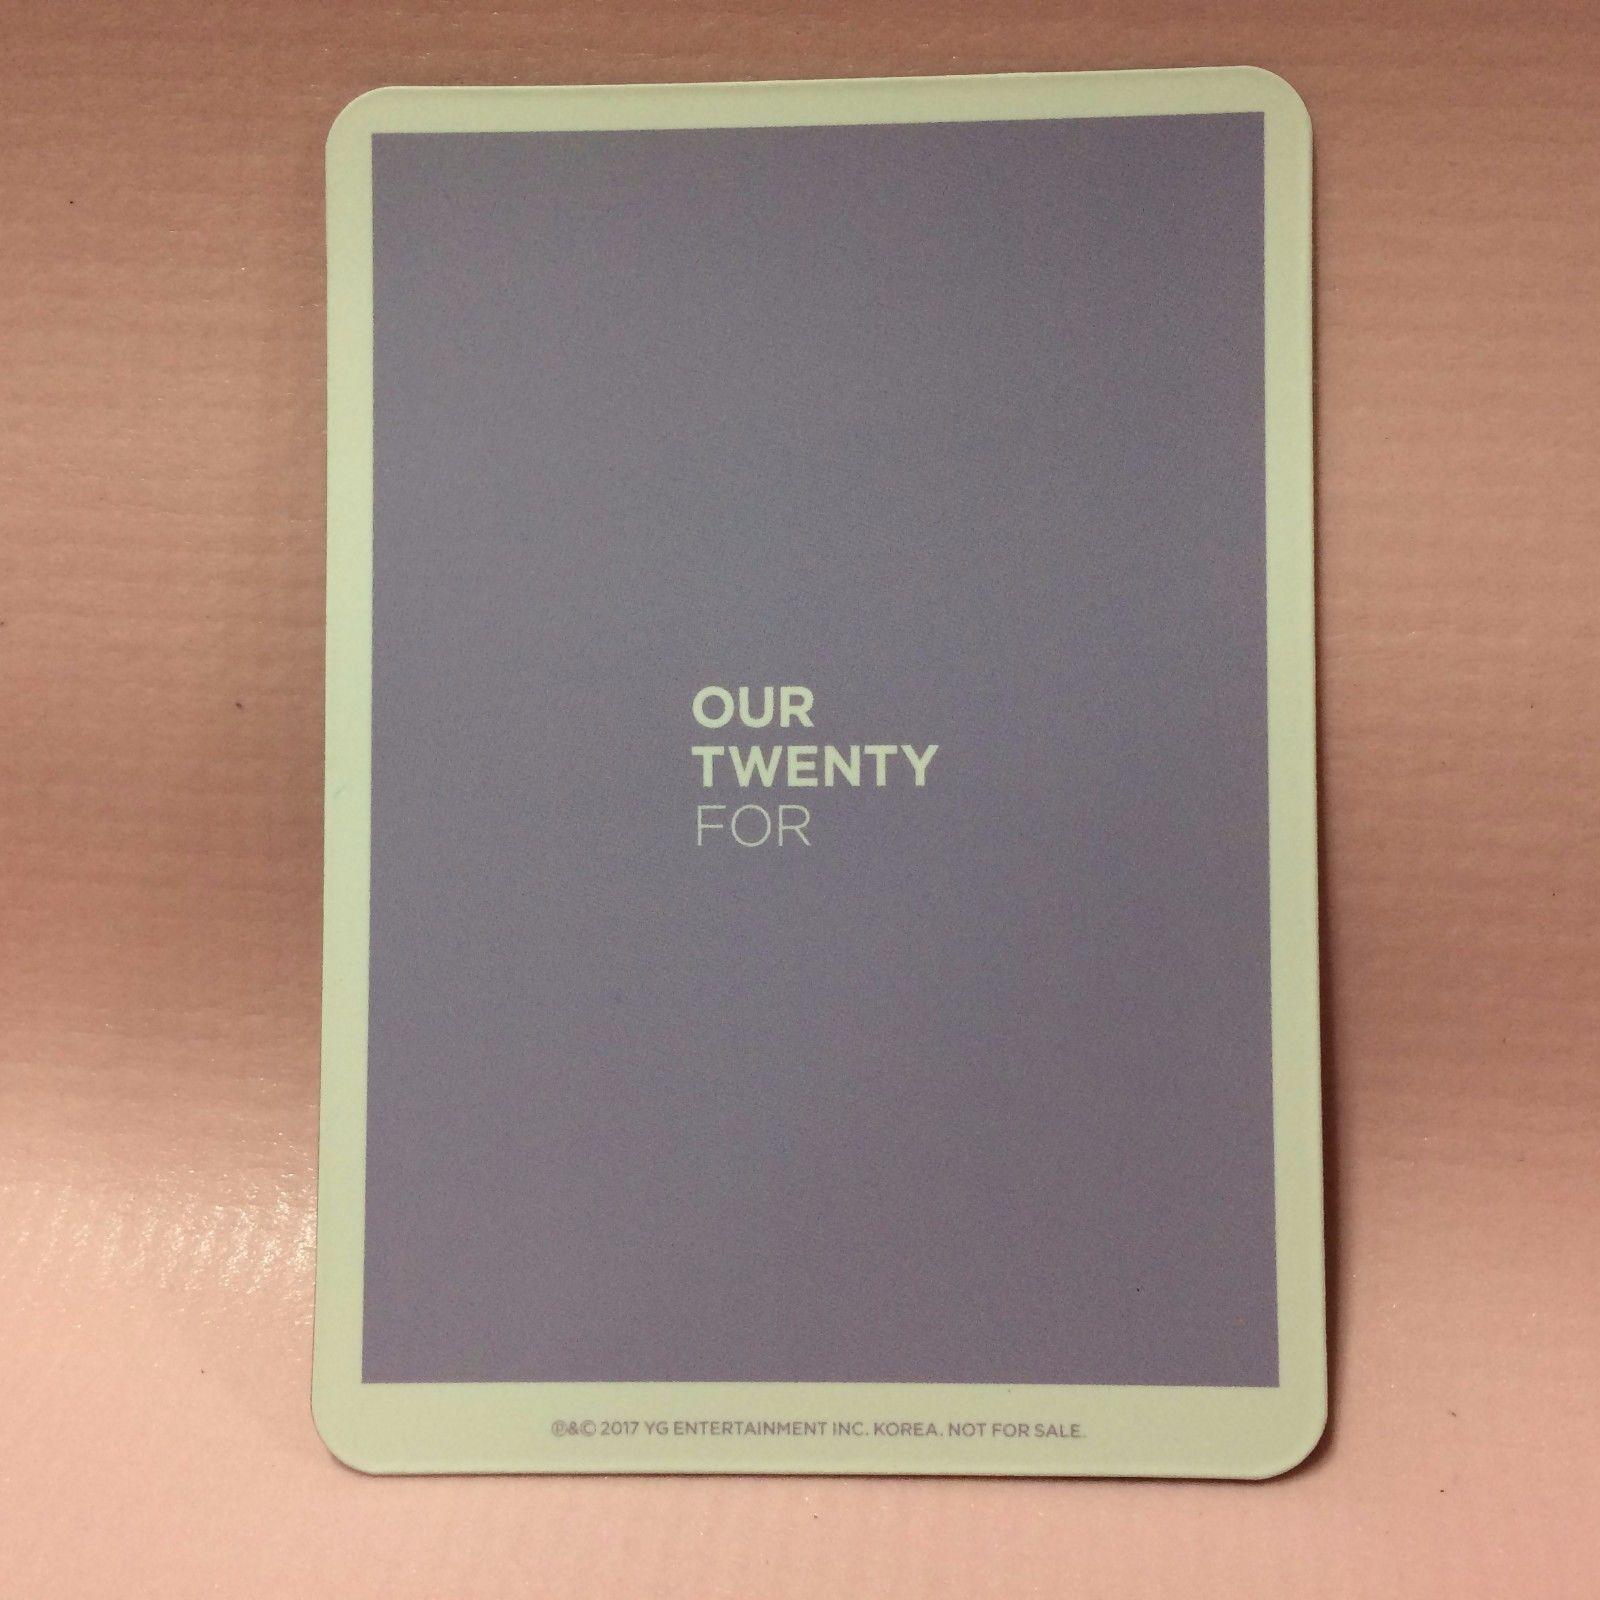 WINNER 위너 Single Album OUR TWENTY FOR Opened CD + Photocard + Polaroid Group Ver